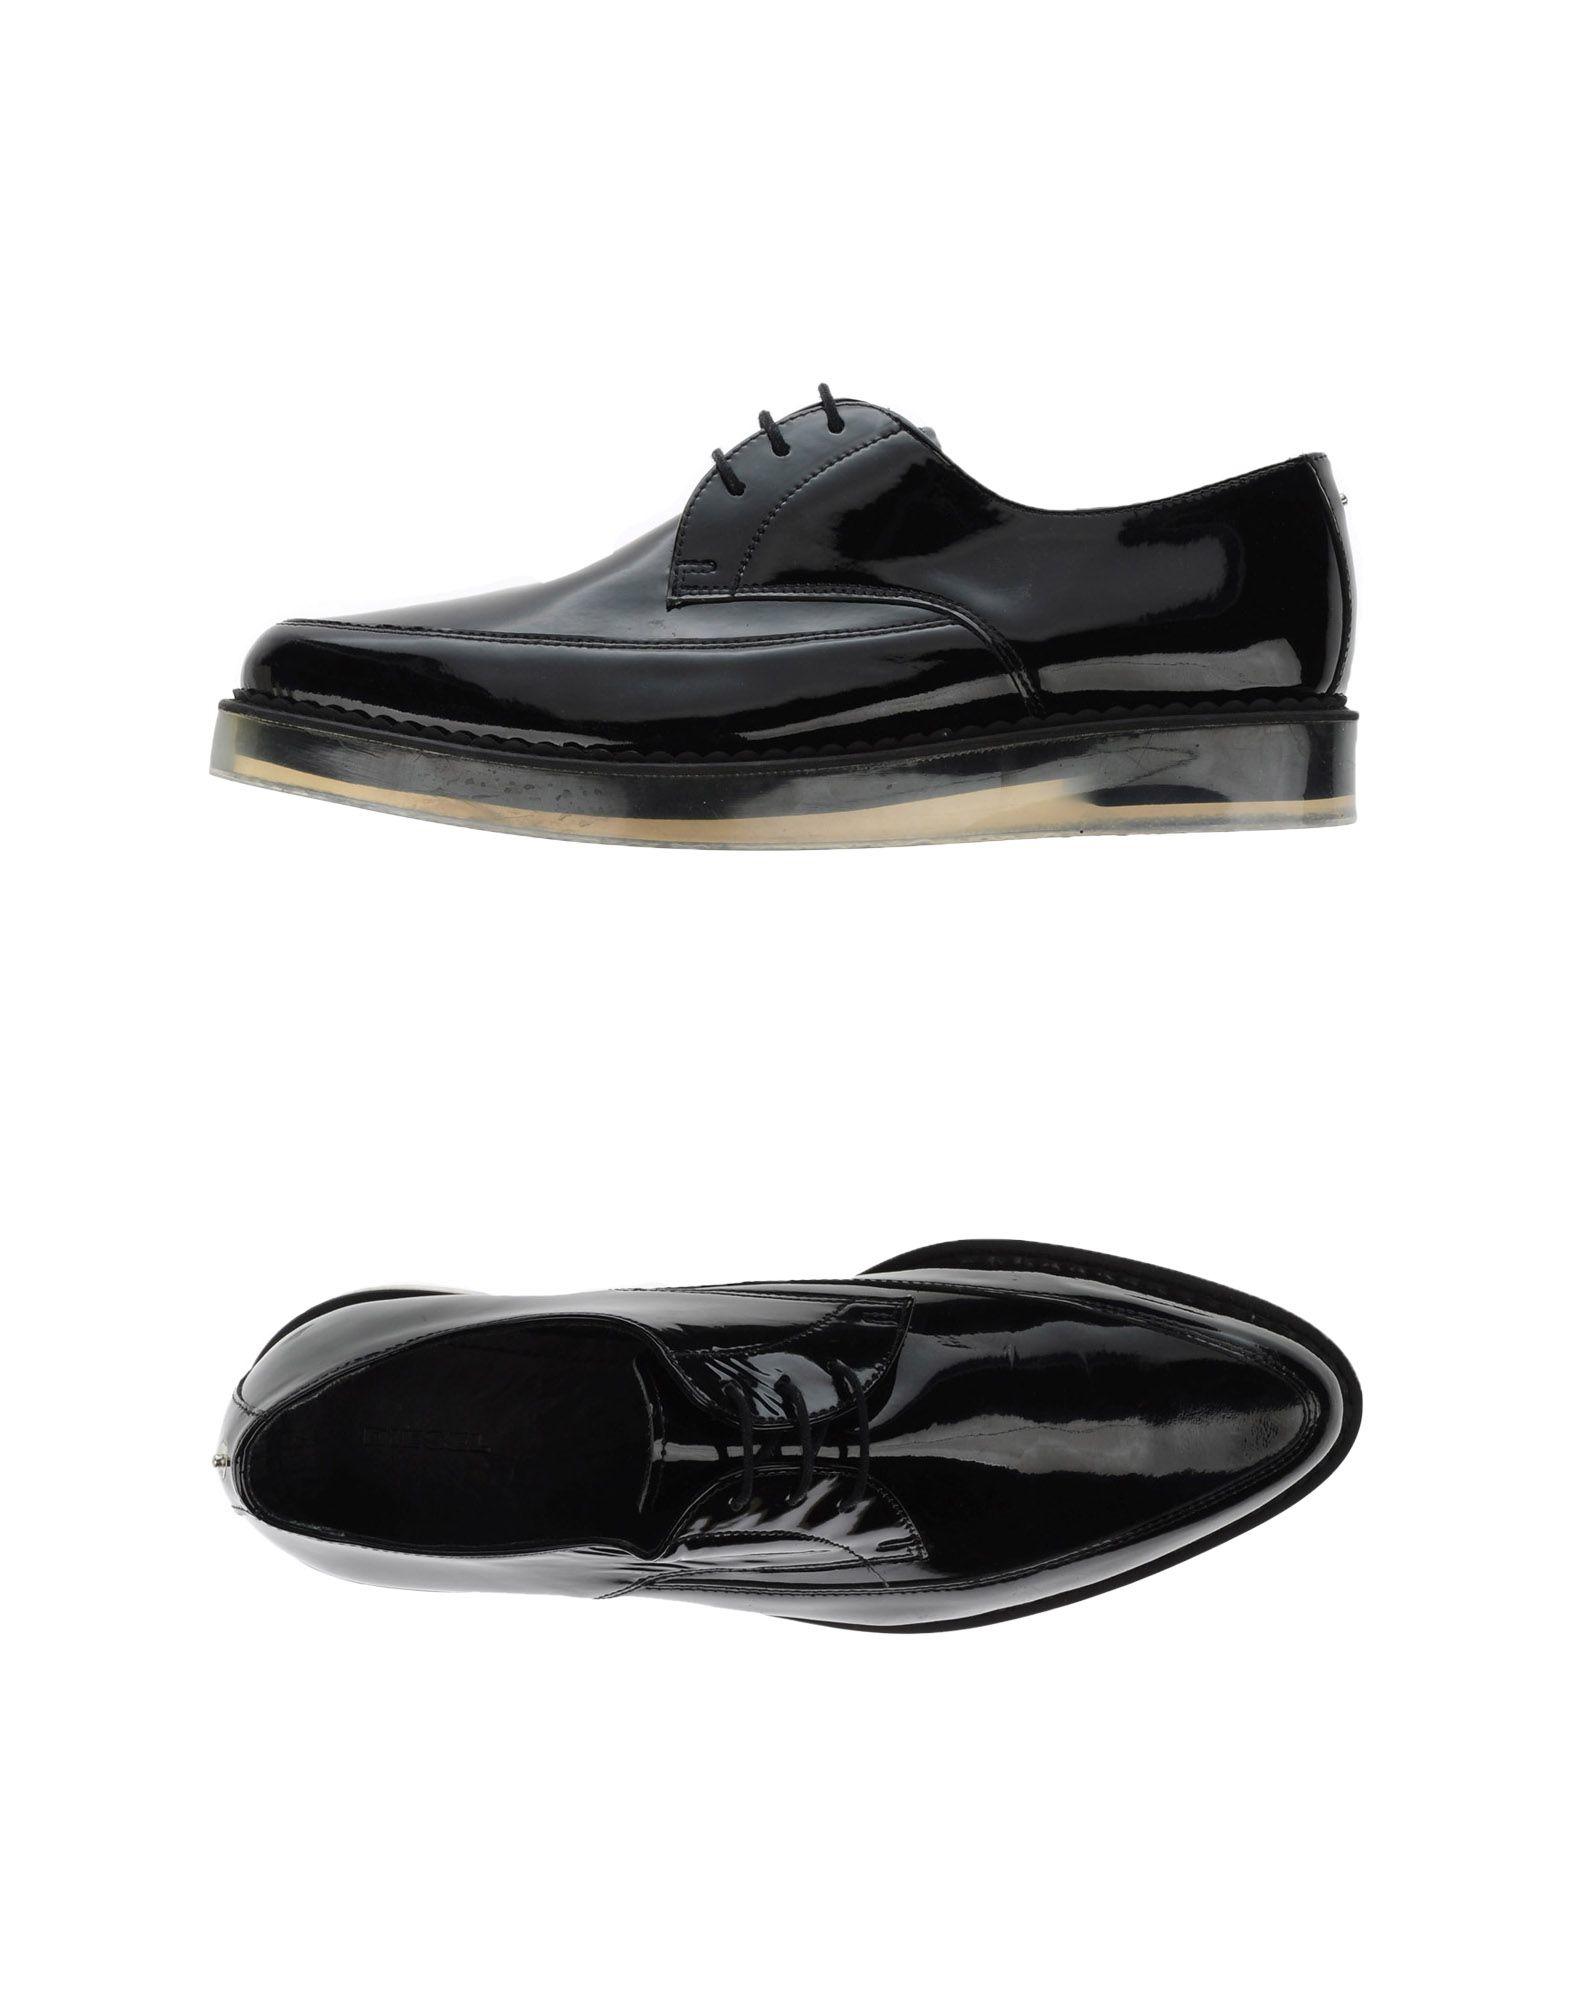 lace-up sneakers - Black Diesel ytKG9okjWa